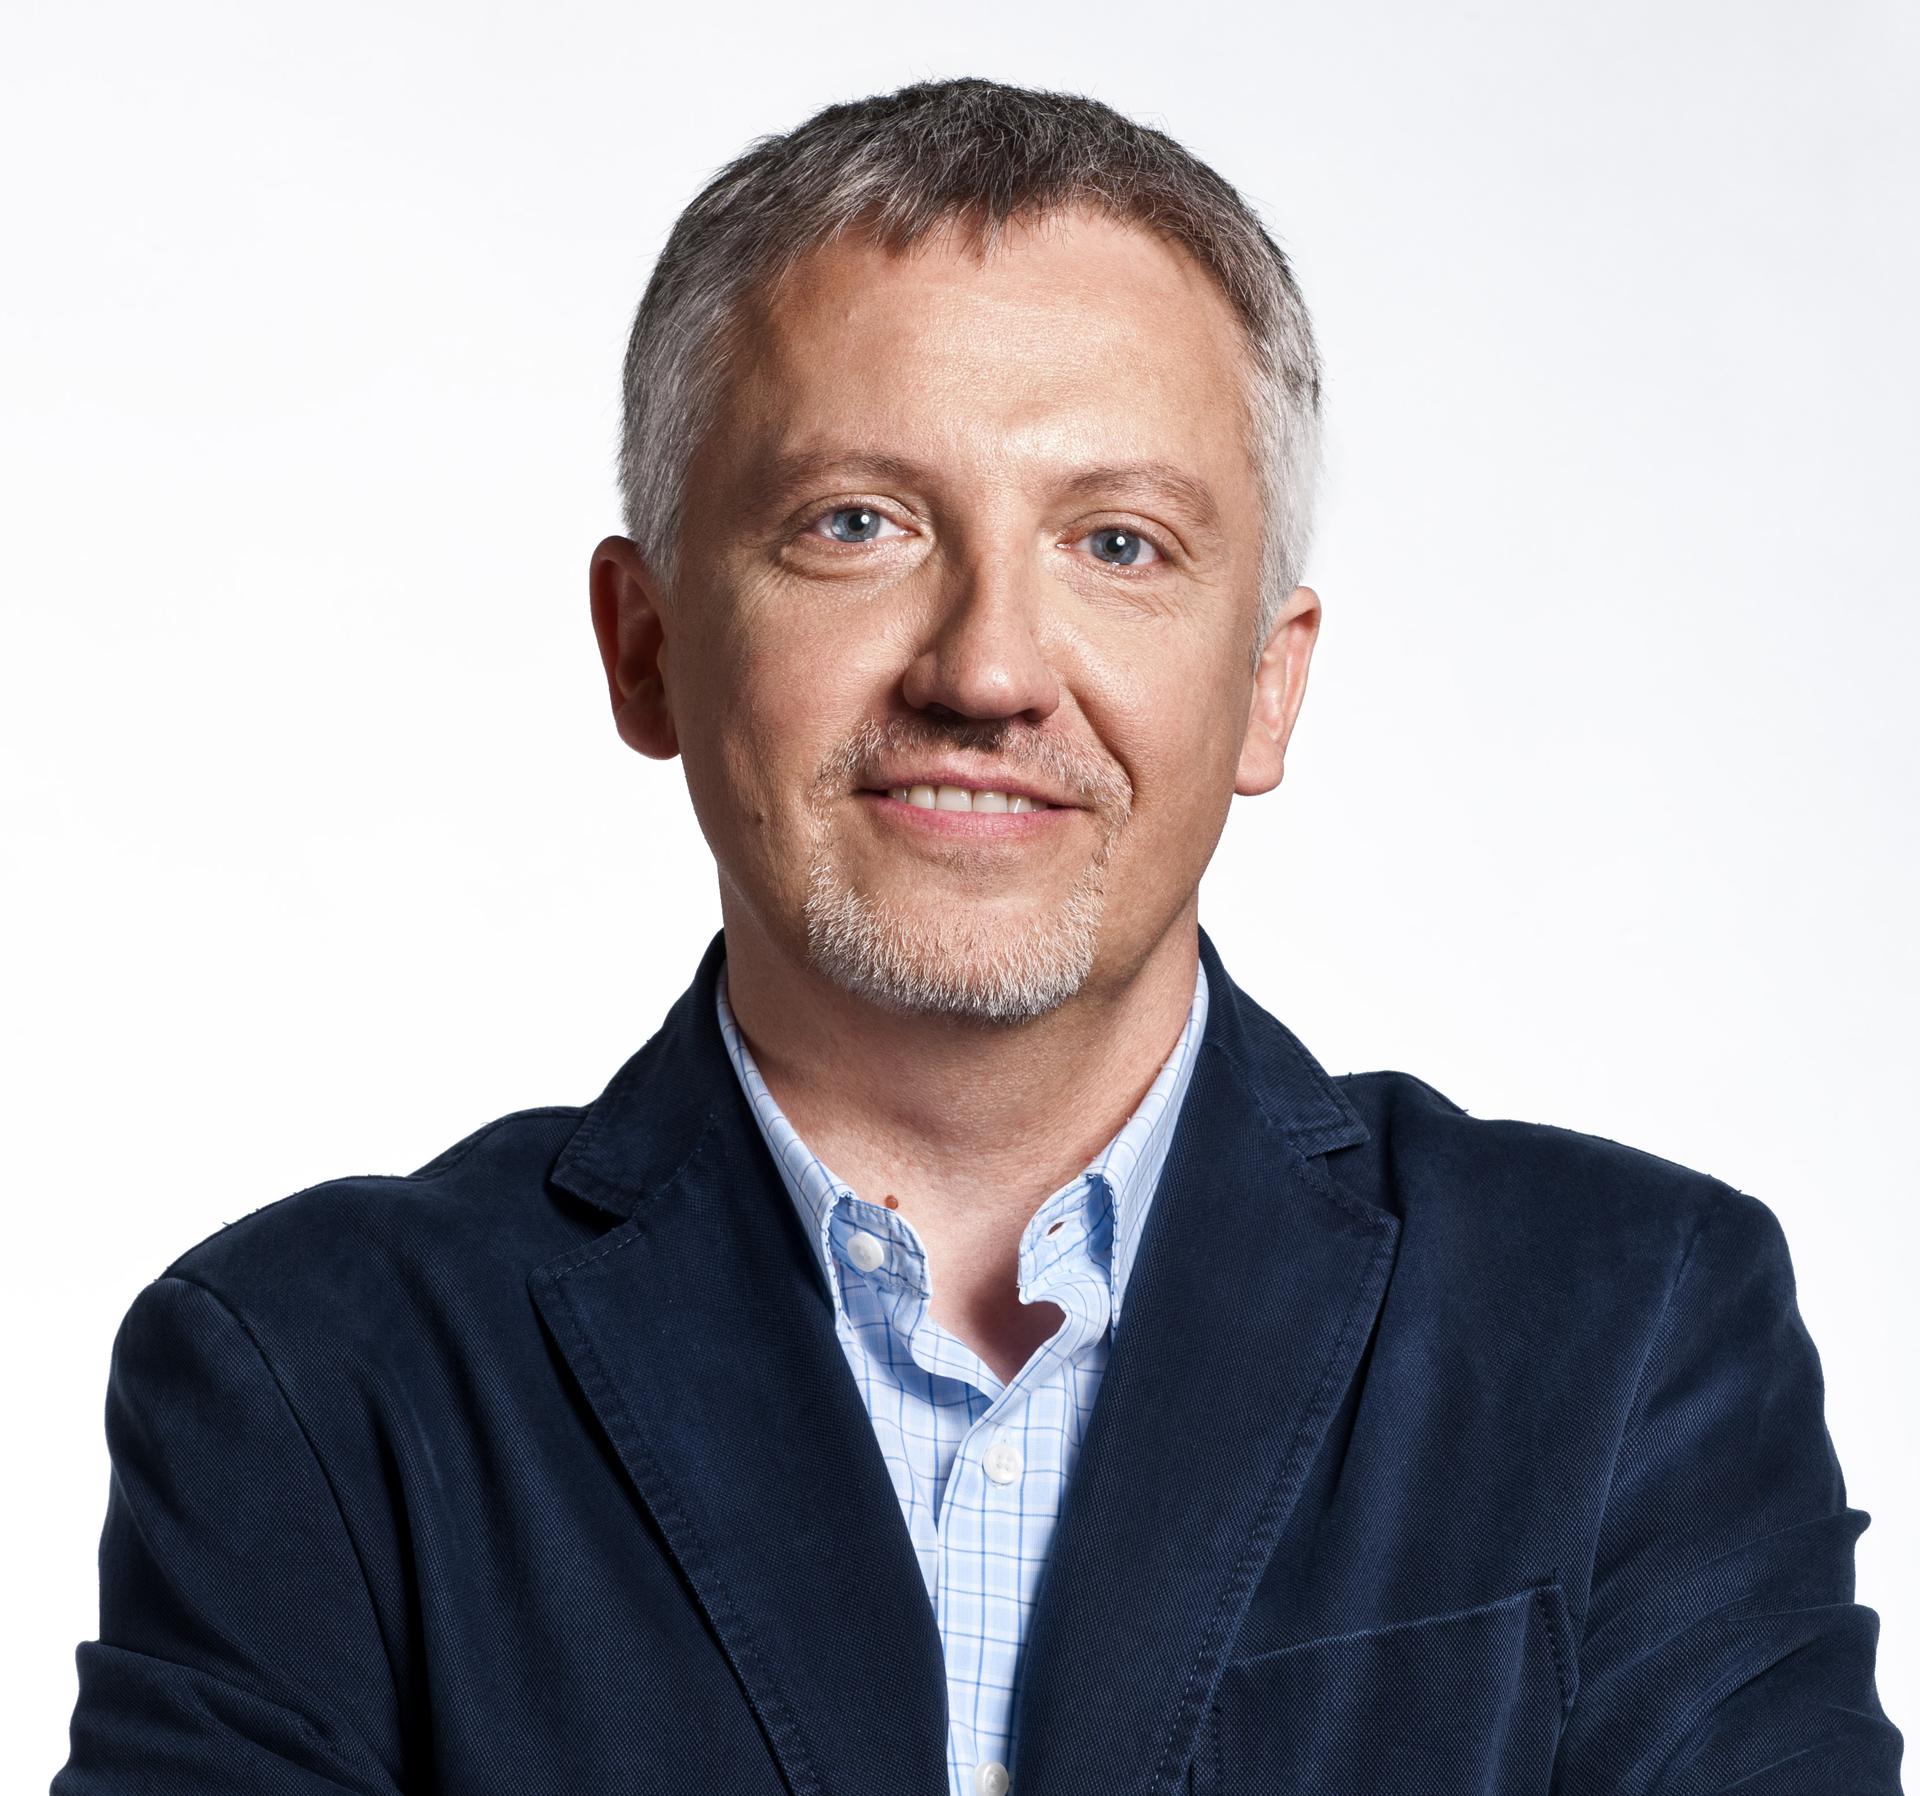 Rozwój kompetencji cyfrowych szansą dla Polski